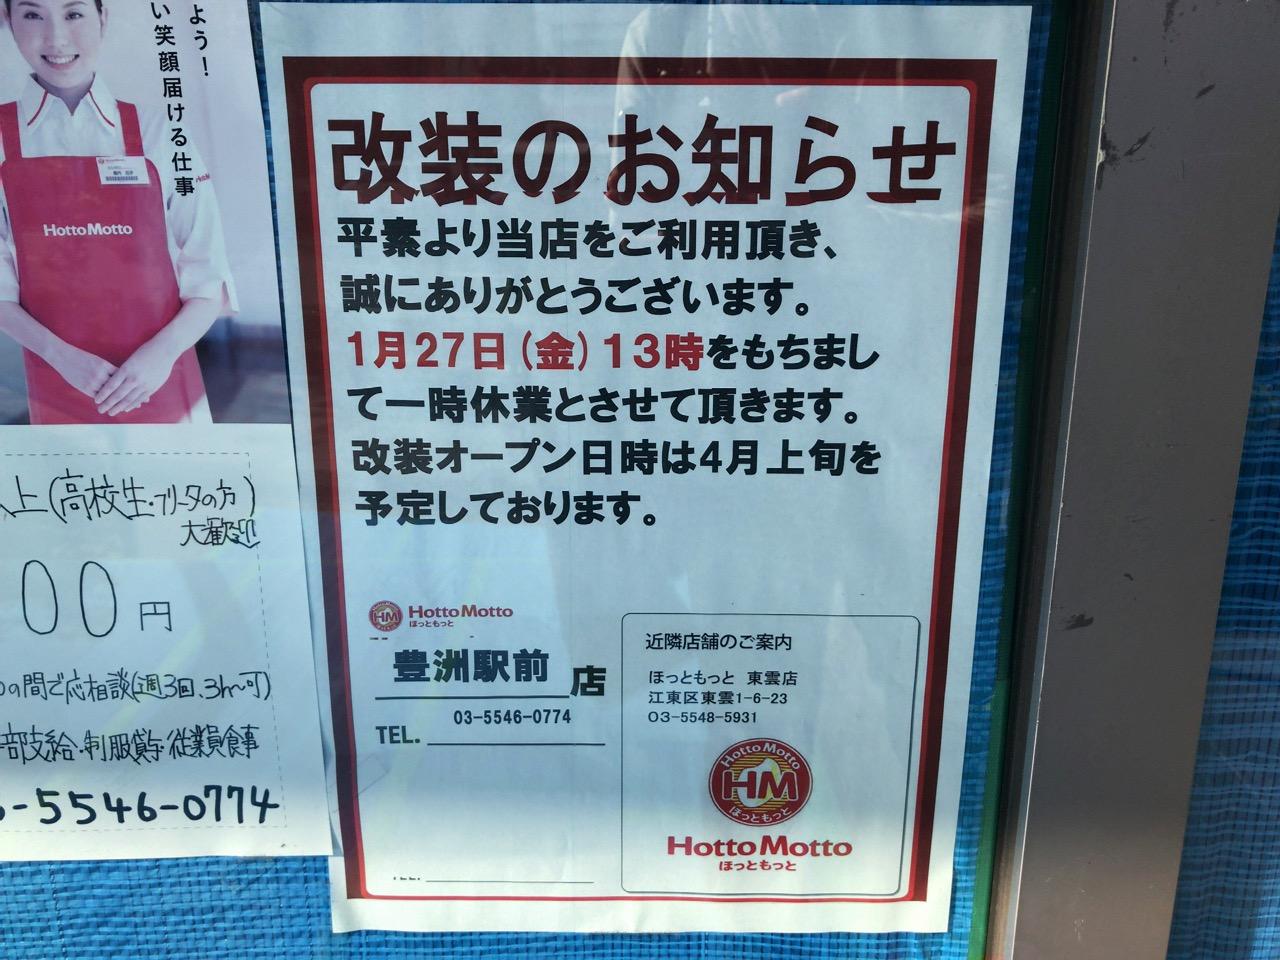 ほっともっと豊洲駅前店が2017年4月にリニューアルオープンへ